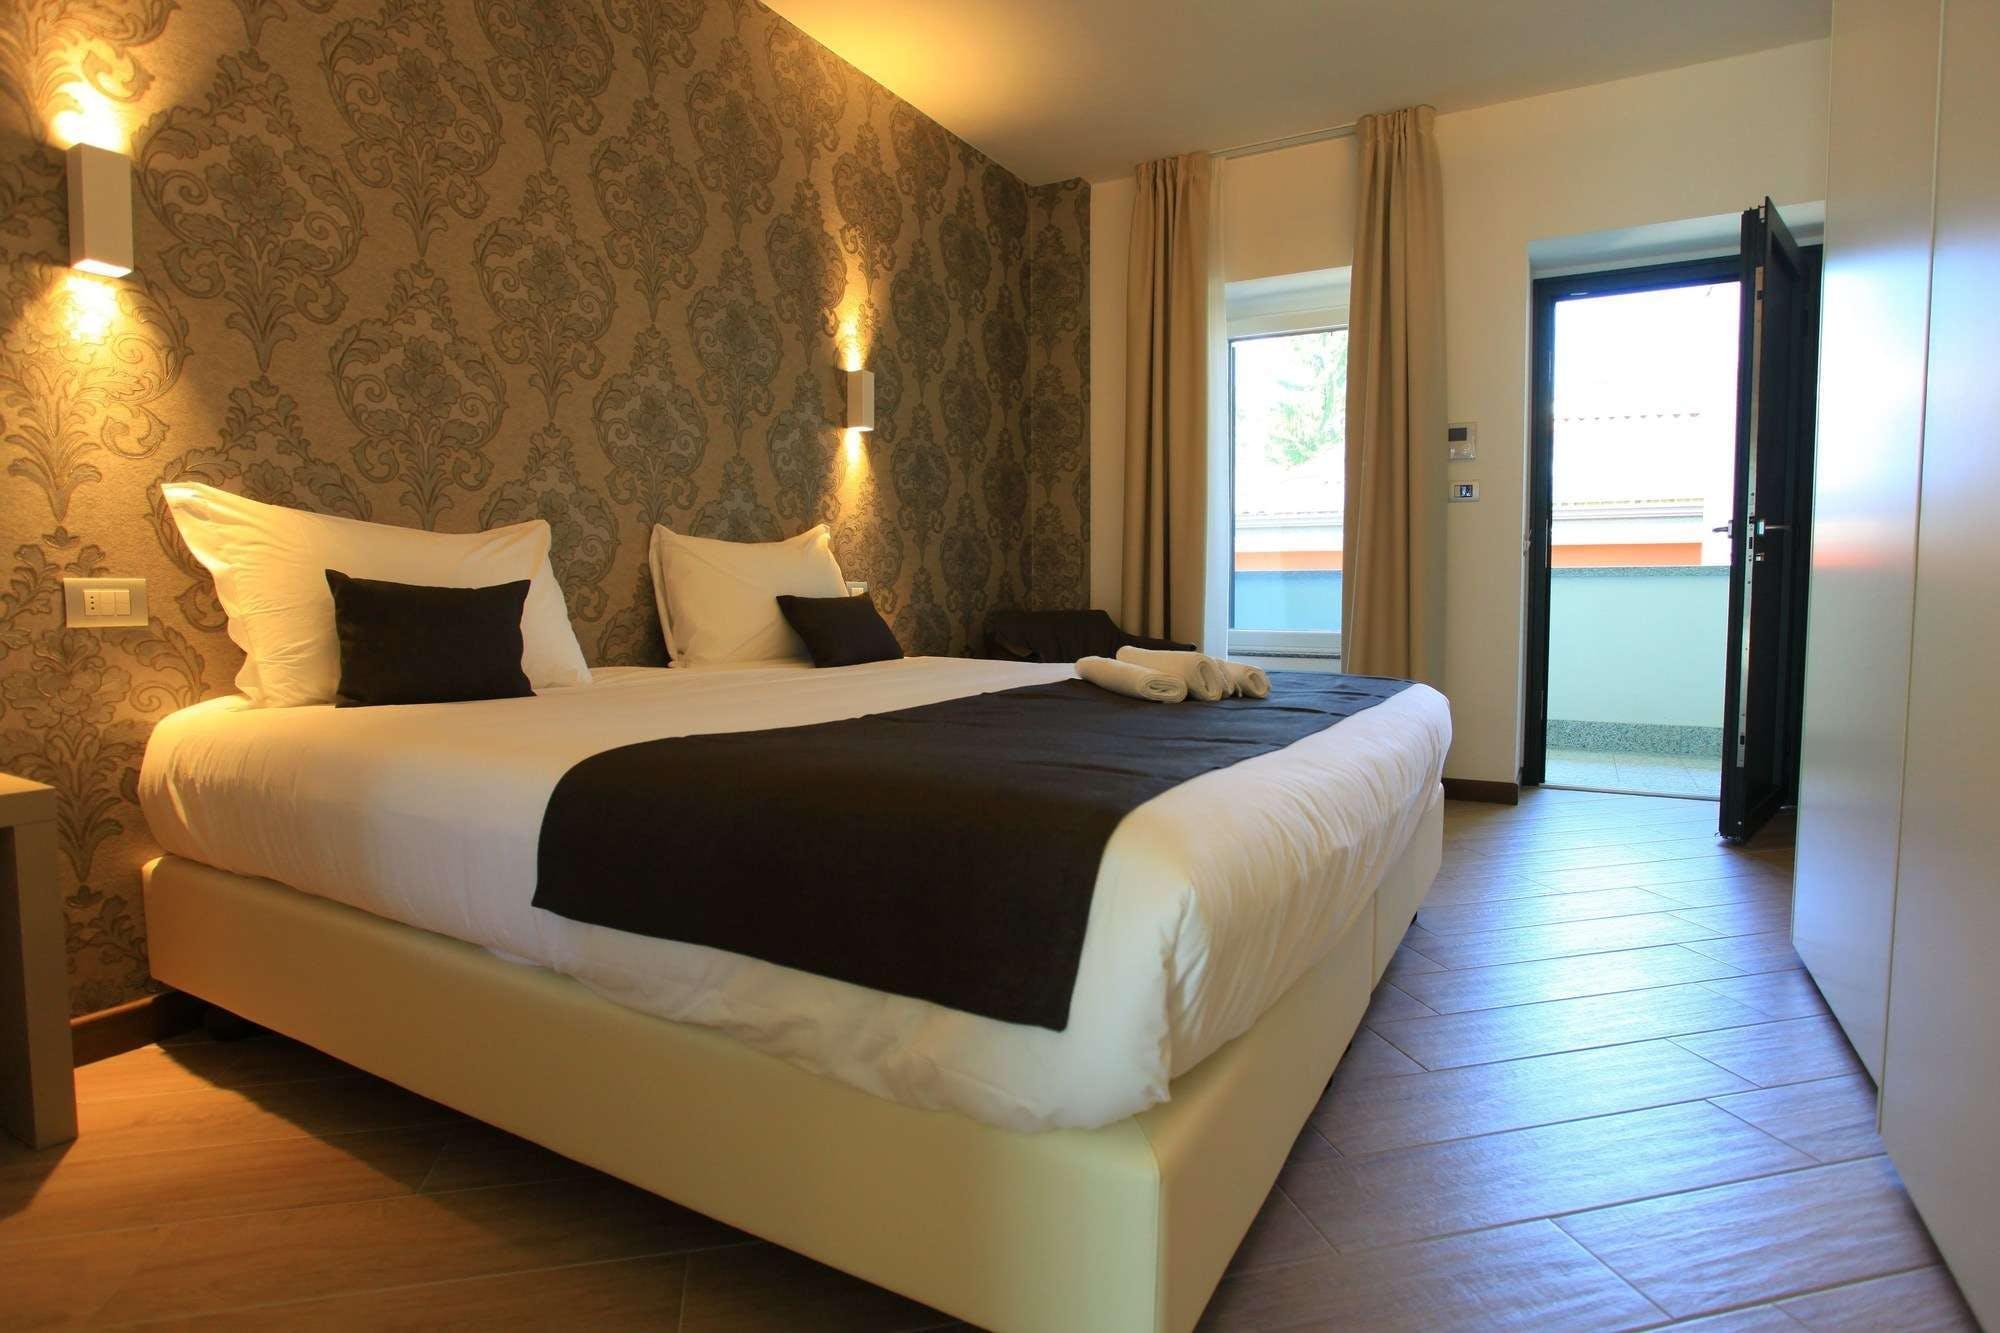 Hotel Ponti & Ponti